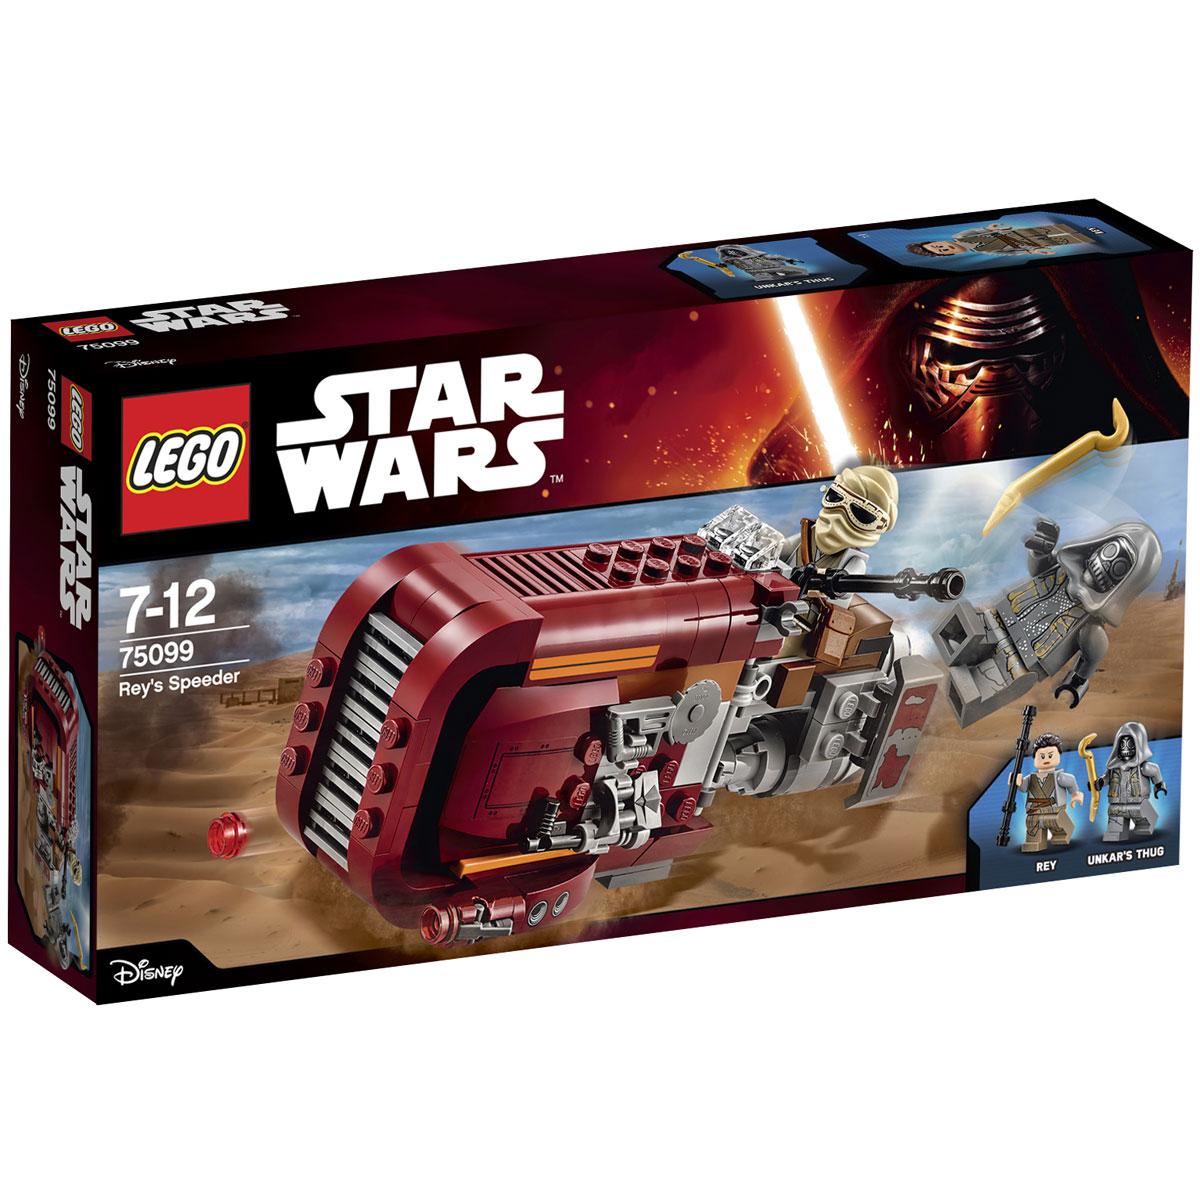 LEGO Star Wars Конструктор Спидер Рей 7509975099Конструктор LEGO Спидер Рей станет отличным подарком фанатам Звездных войн! Чтобы следить за противником, и в тоже время оставаться незамеченной, Рей решила воспользоваться своим скоростным спидером. Его корпус выполнен из бордово-серых деталей, с добавлением оранжевых полос. Спереди видна прямоугольная радиаторная решётка и 2 симметричные пушки. Внутри массивного капота организована система хранения. Вращая один из задних двигателей, можно открыть боковые панели и получить доступ к транспортировочному контейнеру и минисаням, позволяющим быстро перемещаться по песчаным дюнам. Левый борт спидера снабжён специальными креплениями для разведывательного оборудования. На них можно повесить циркулярную пилу, электронный бинокль и бластер. В наборе присутствуют 2 минифигурки: Ункарский разбойник с ломом и Рей с сумкой и оригинальной защитной маской от песка, состоящей из шарфа и шлема штурмовика. Конструктор - это один из самых увлекательнейших и веселых способов...